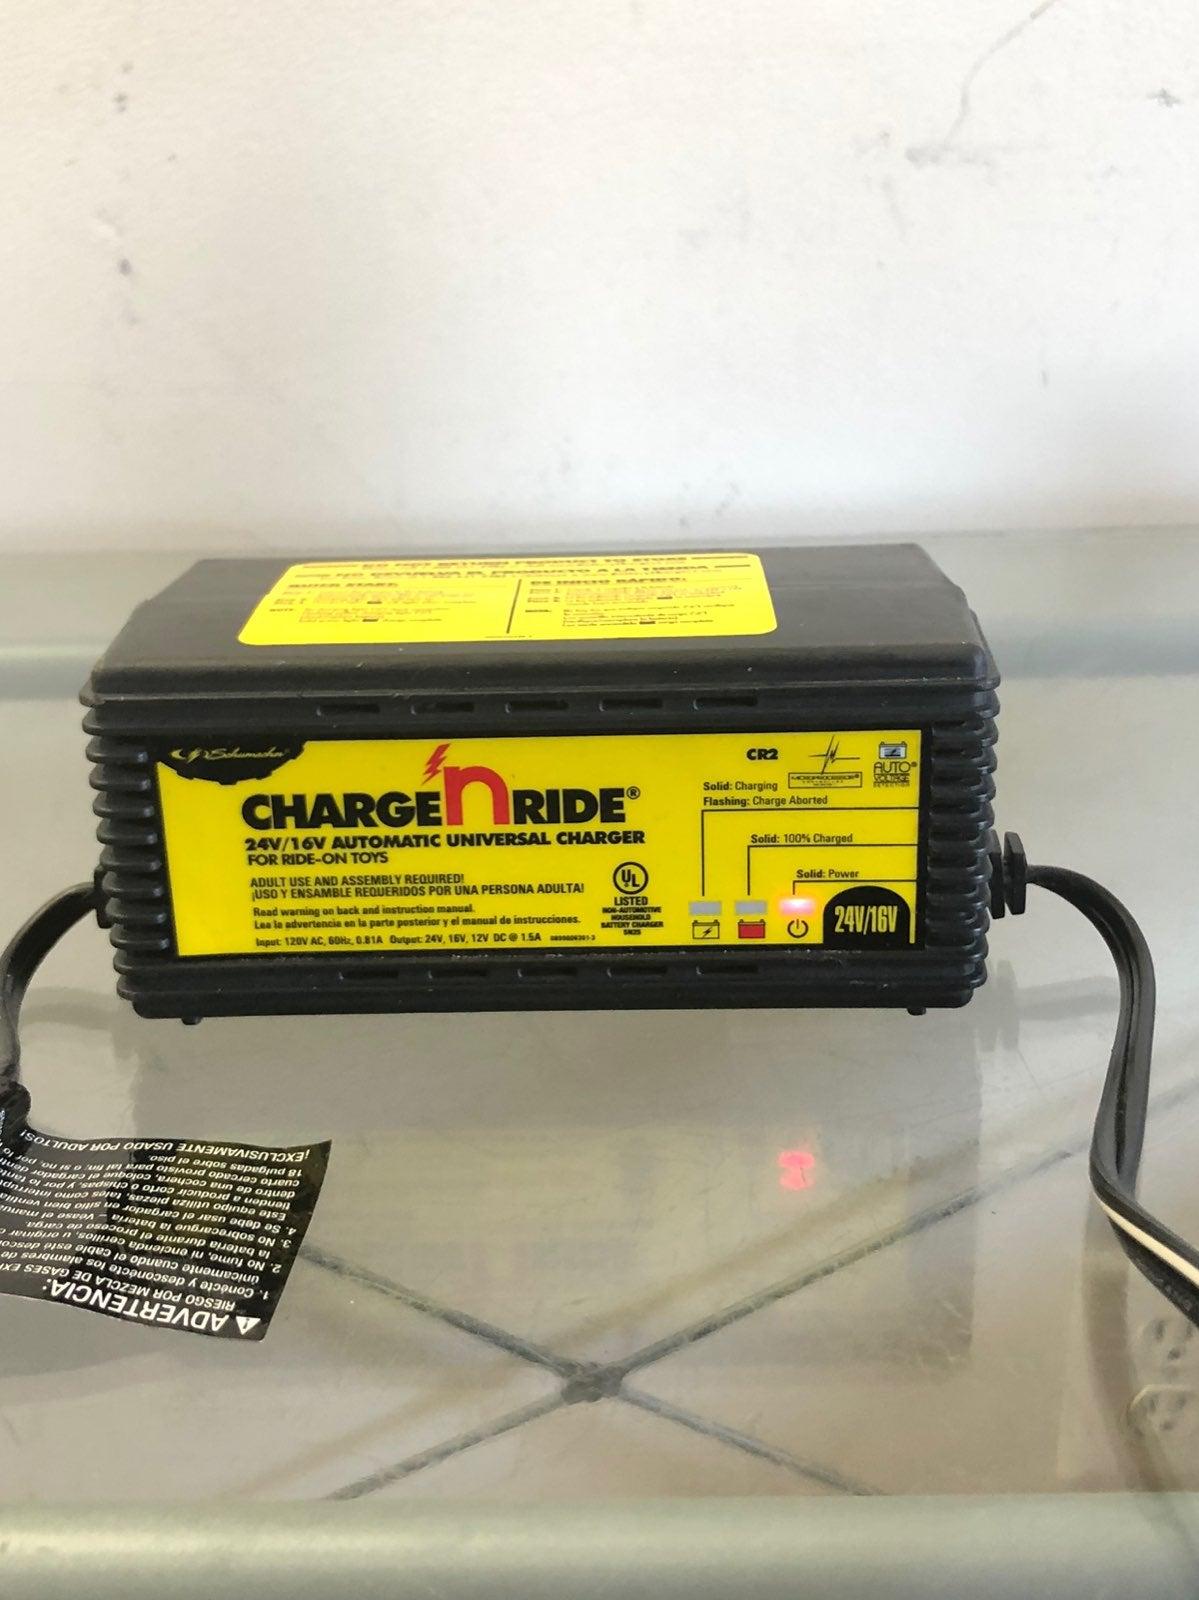 Schumacher Charge n Ride 24V/16V charger